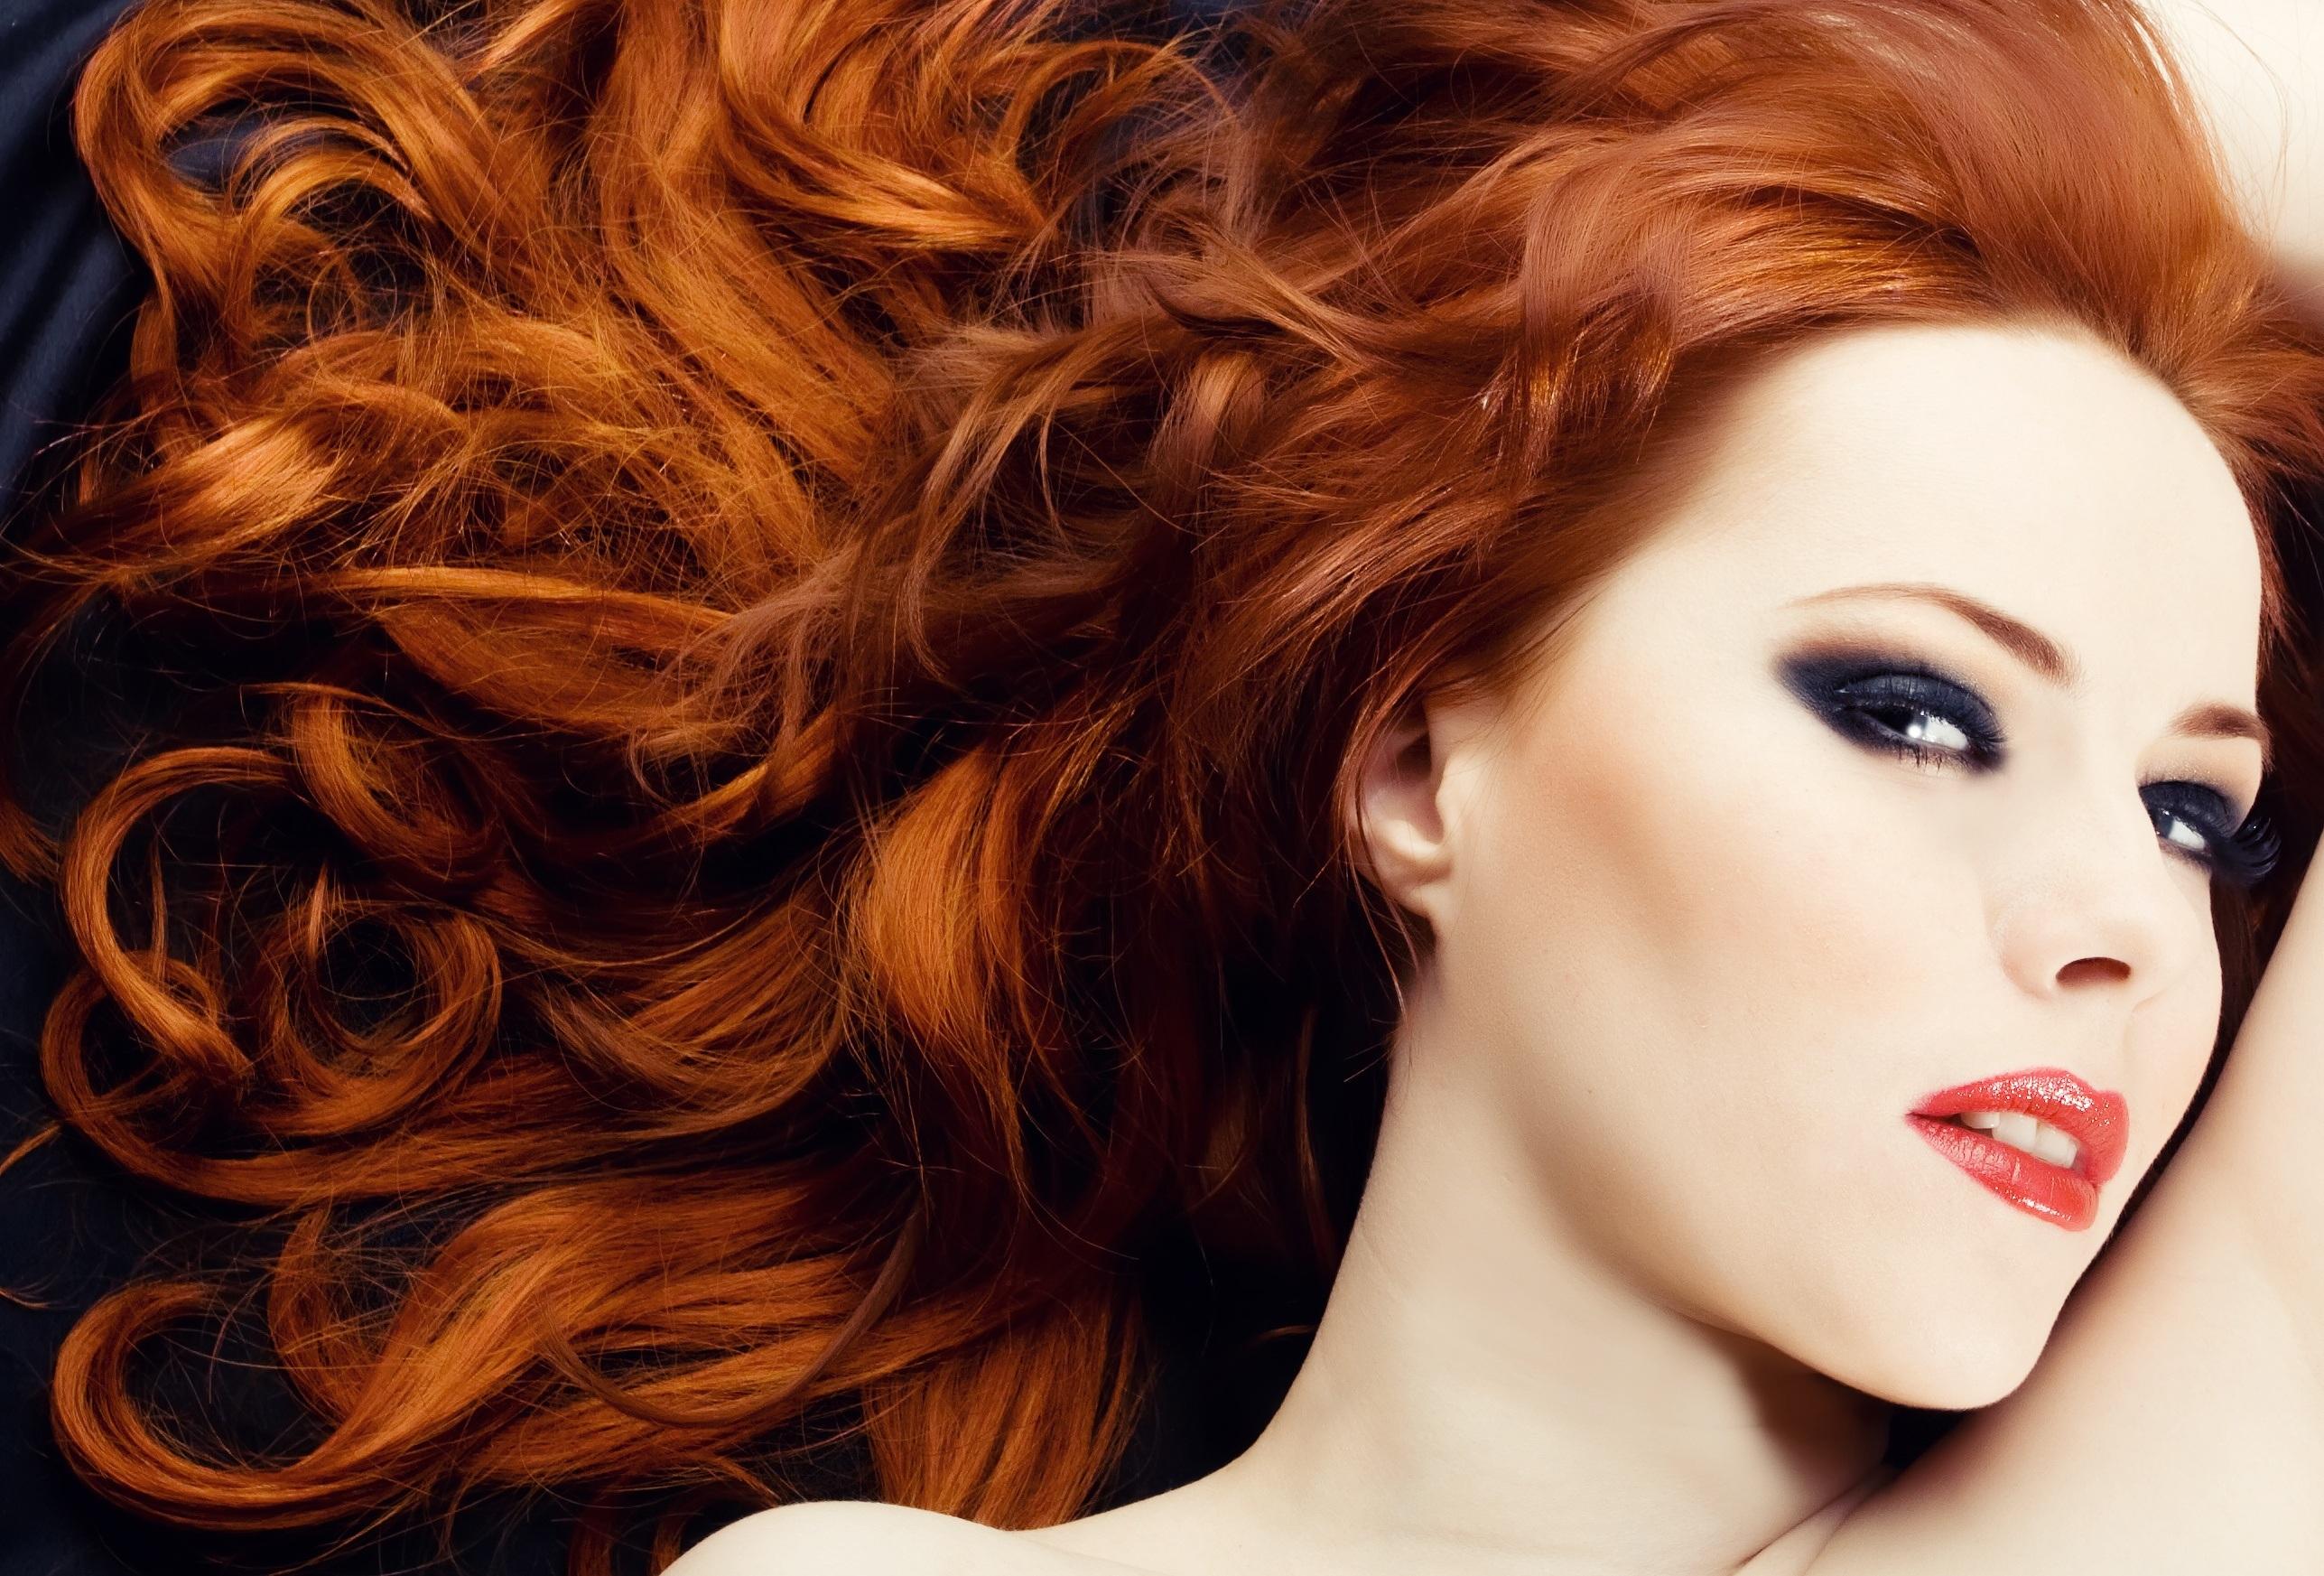 Cómo hacer coincidir los tonos de piel y colores de pelo - Blog Peinado